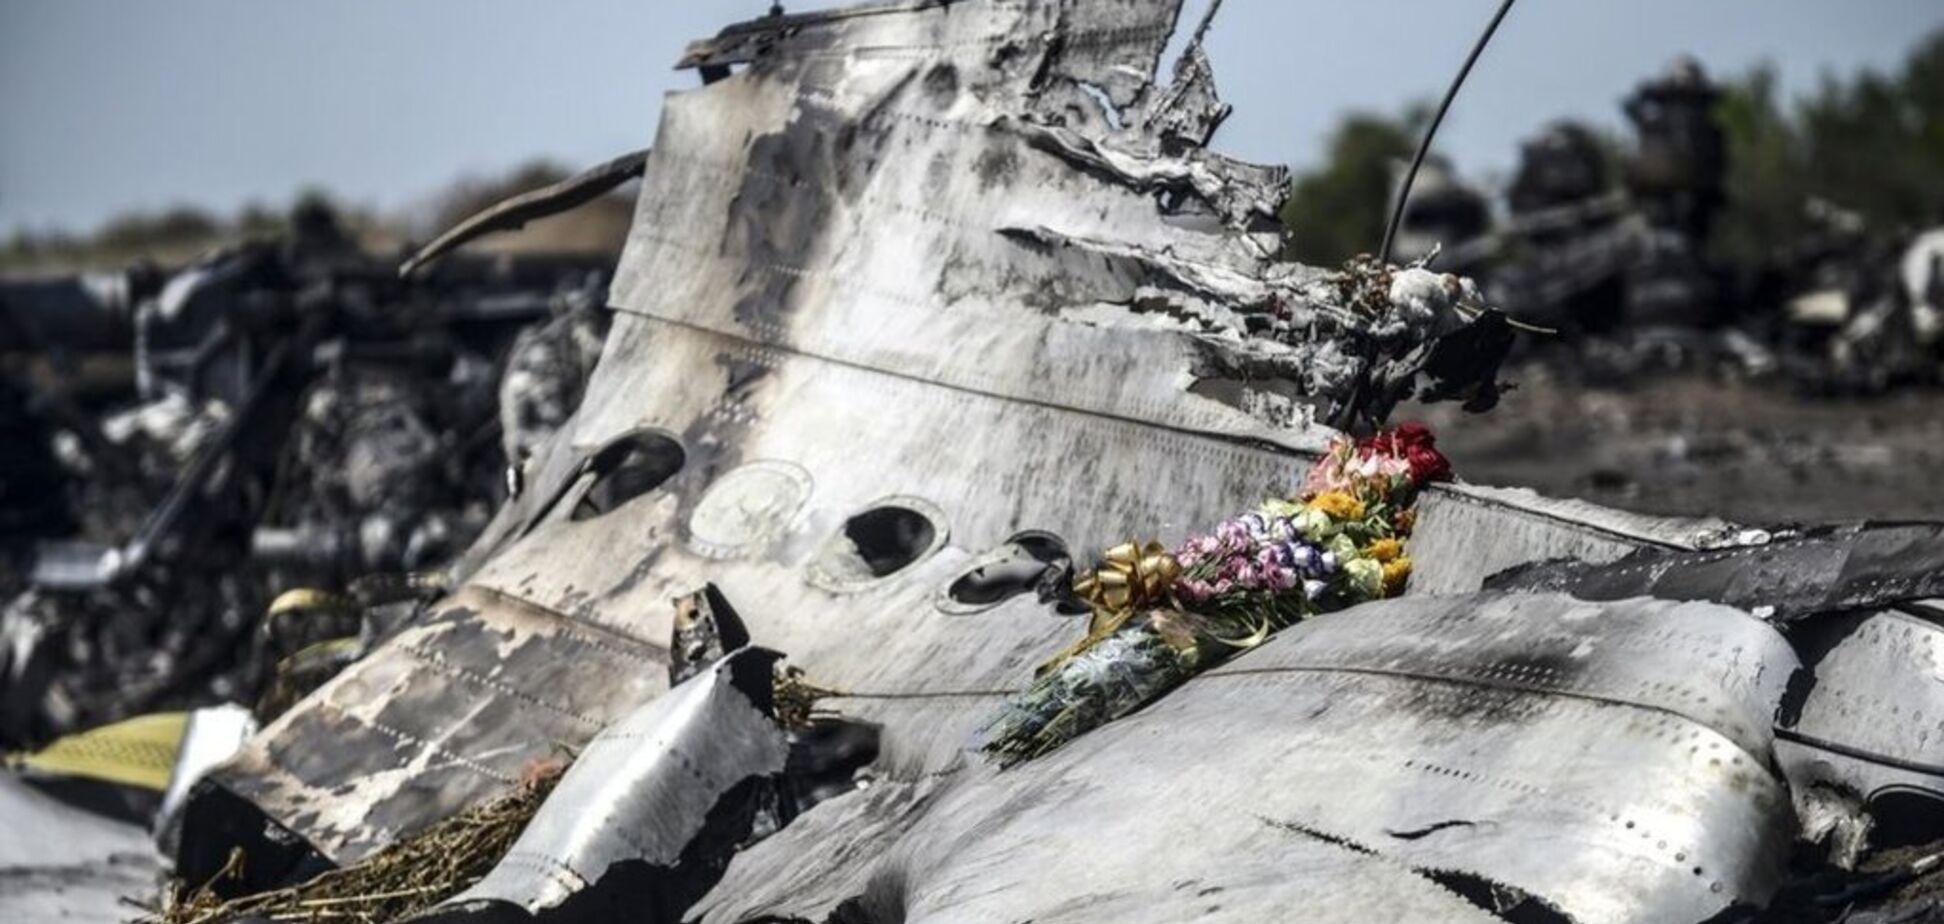 Пропагандисти втрапилиу'Миротворець' за фільм про МН17